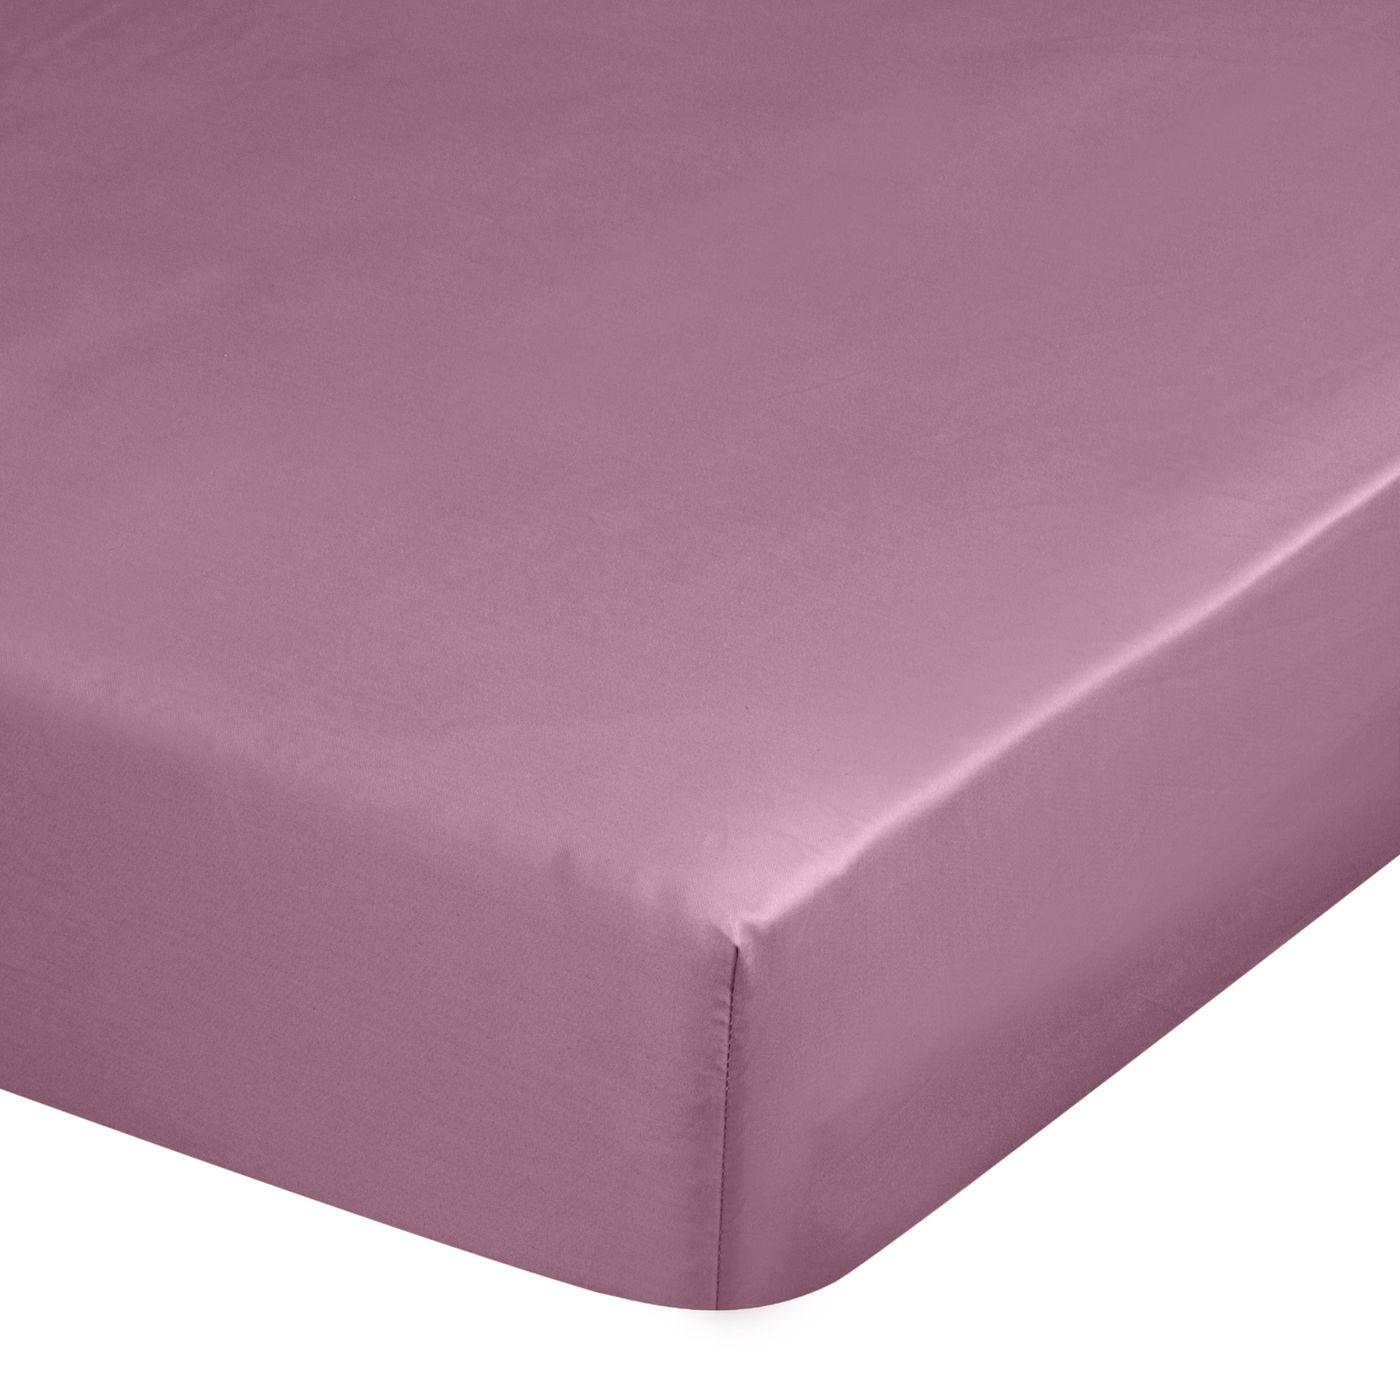 Prześcieradło z makosatyny gładkie 180x200+30cm kolor różowy